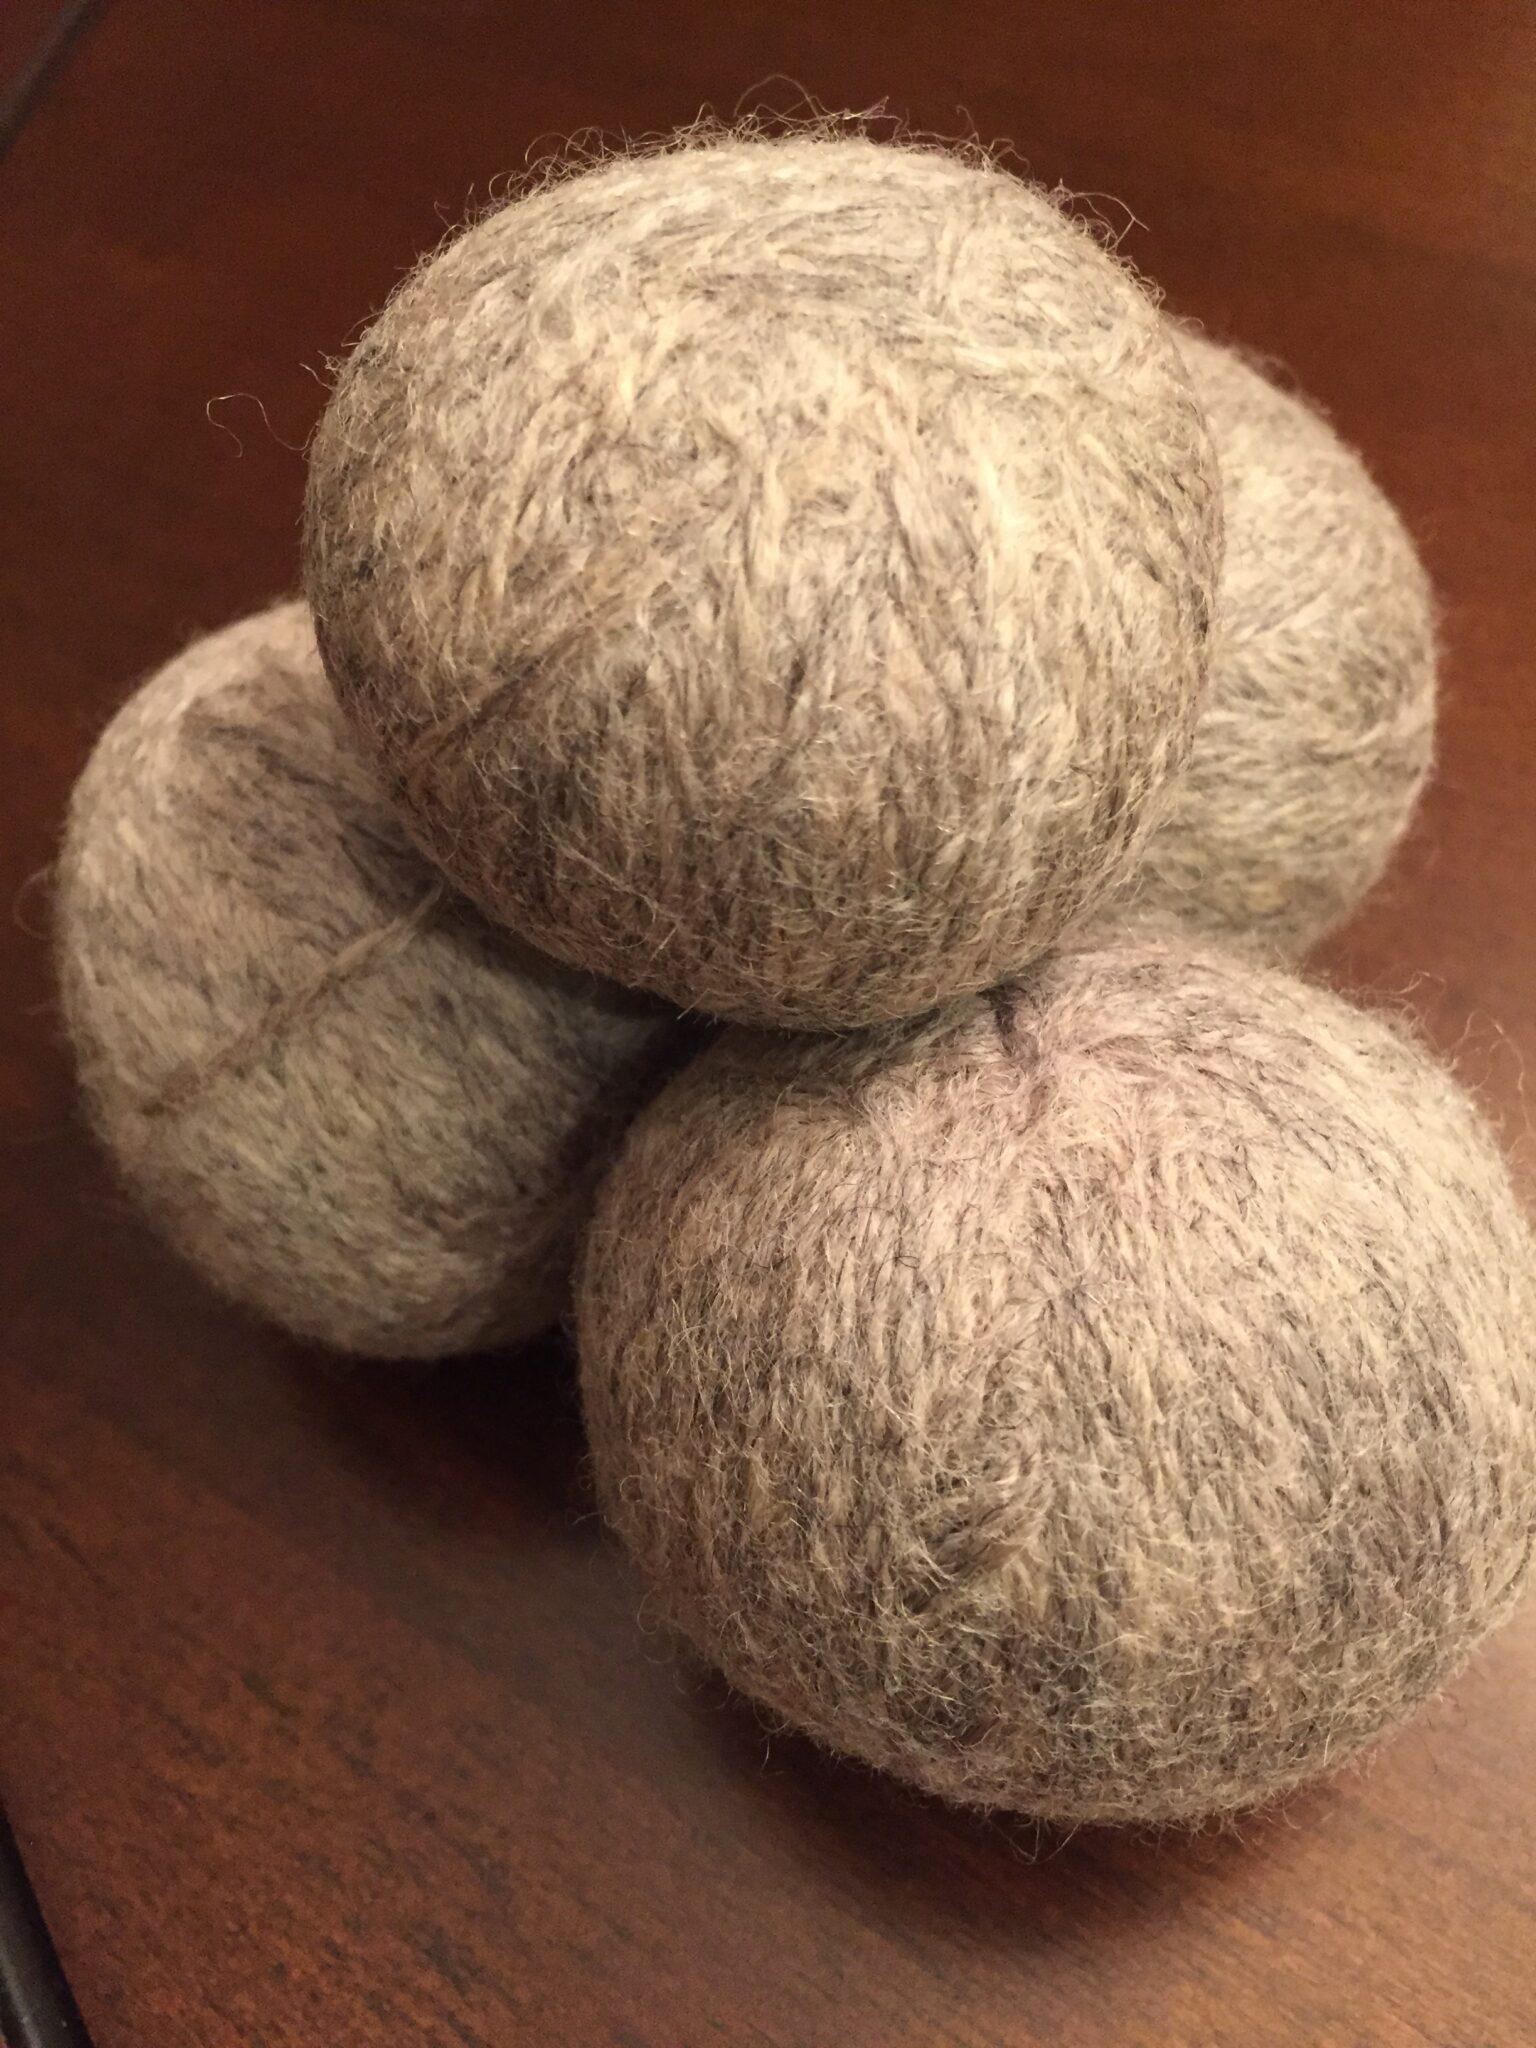 Baa Baa Black Sheep, Have You Any Wool…. Balls?